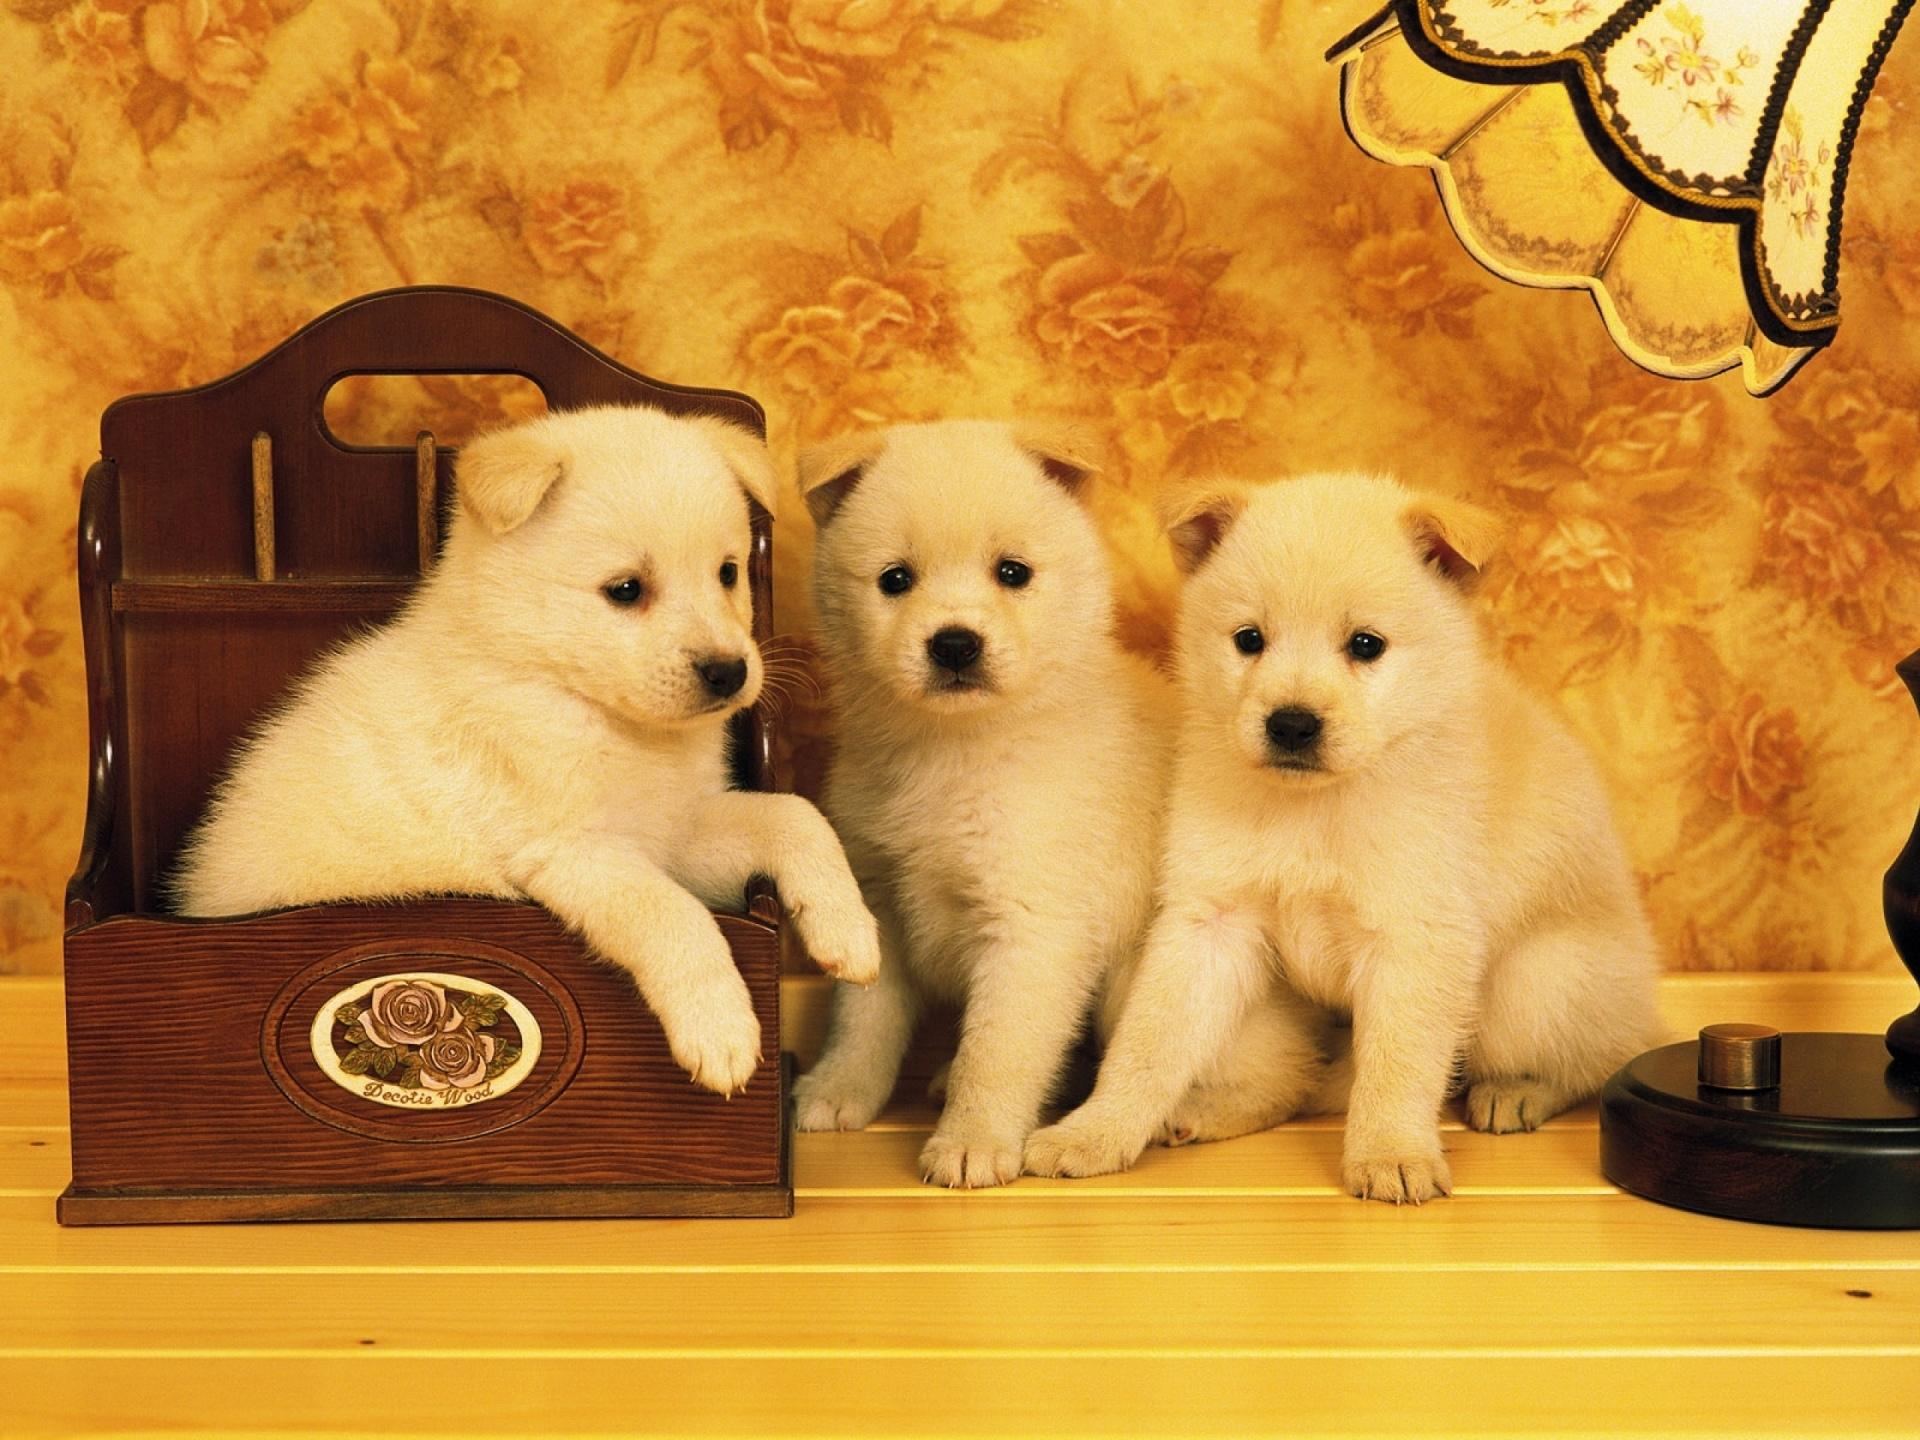 Imágenes De Animales En Hd Para Fondo De Pantalla: Fondos De Pantalla De Perros, Wallpapers HD